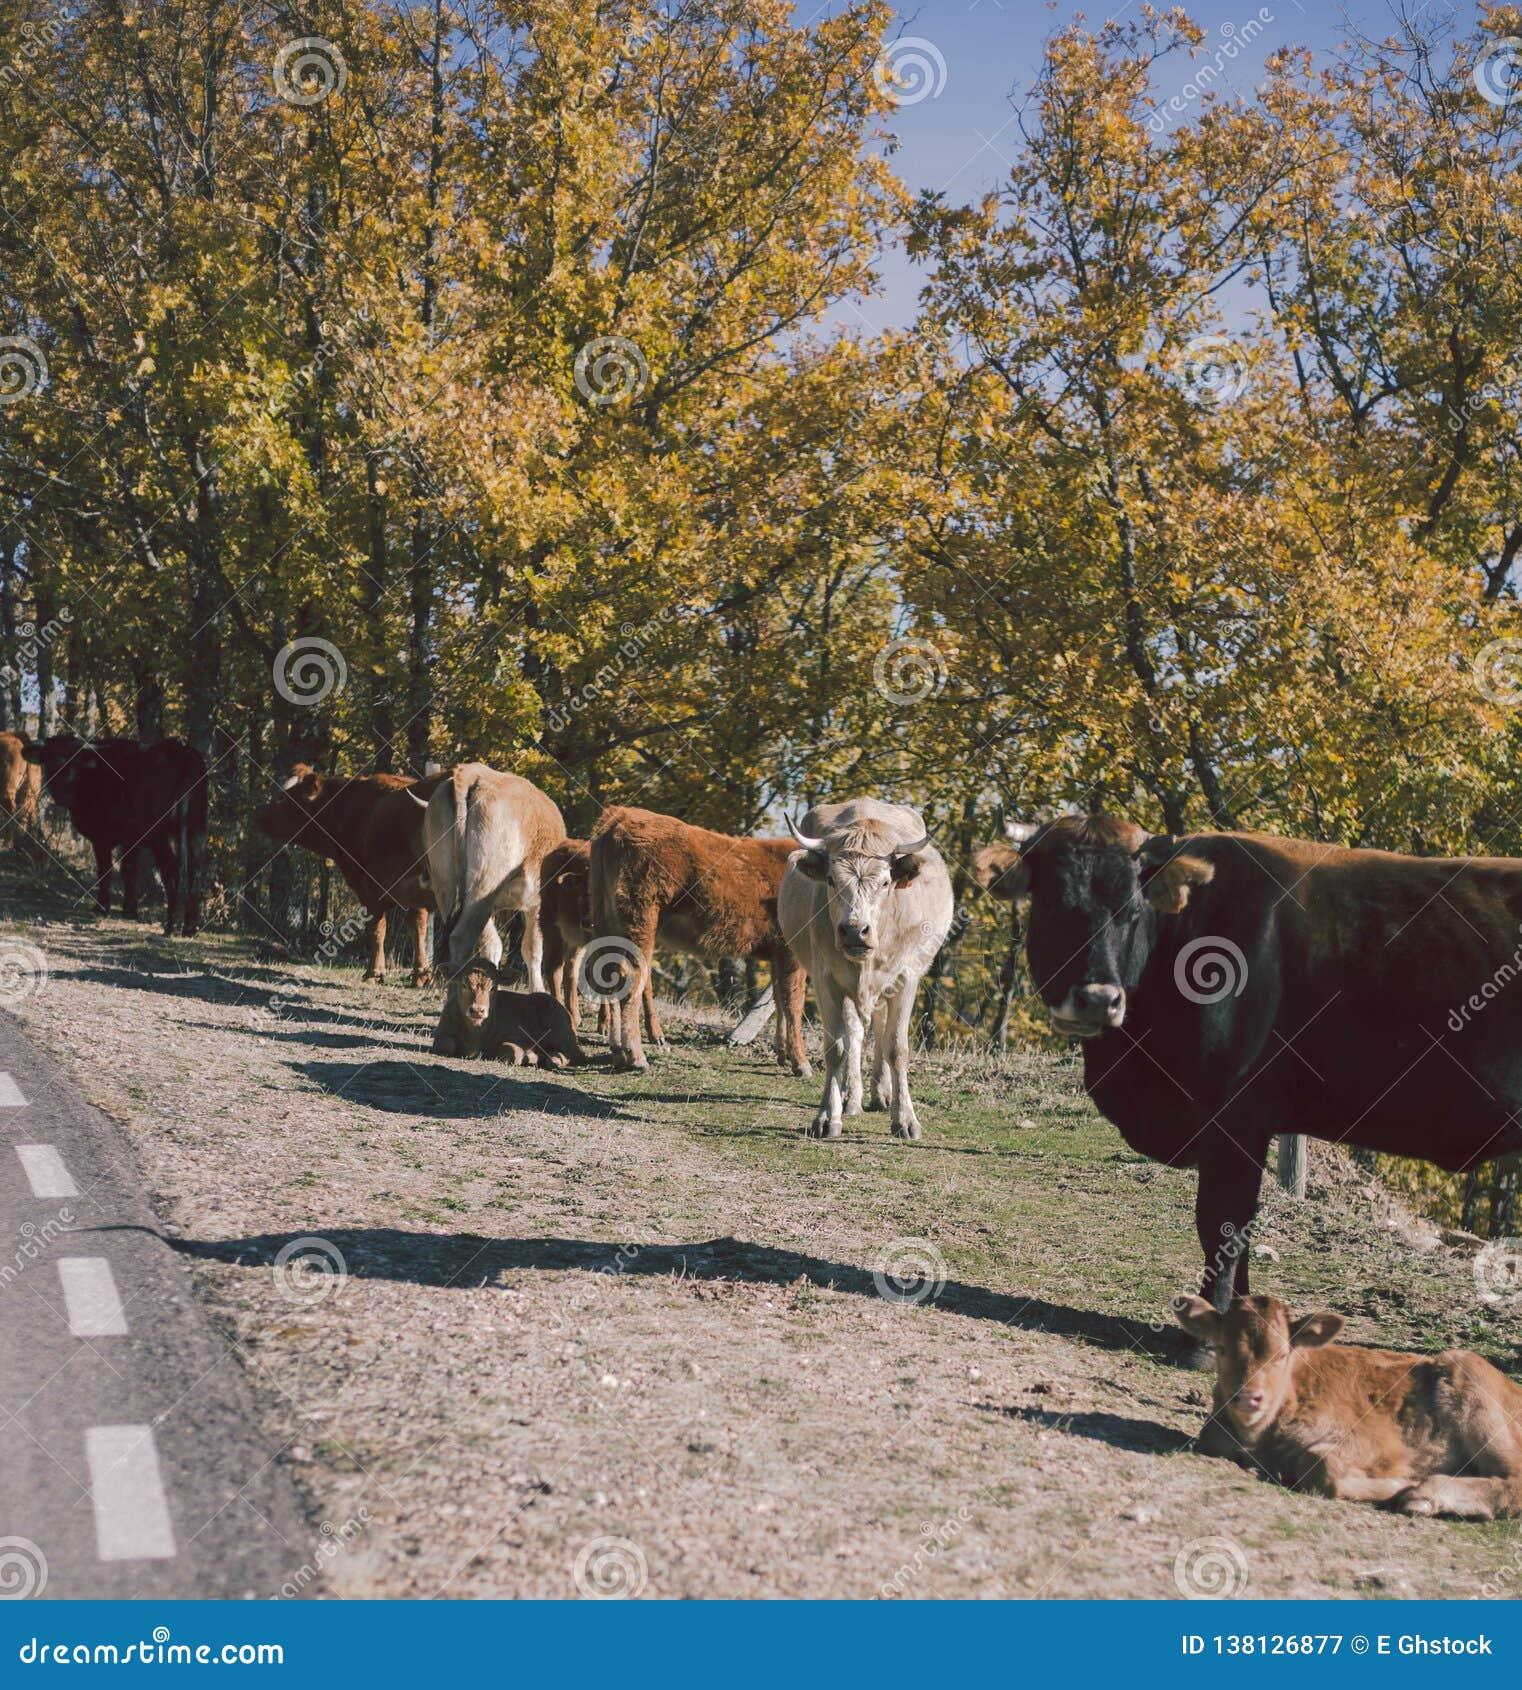 Αγελάδες στο δρόμο, Λα Mancha, Ισπανία της Καστίλλης